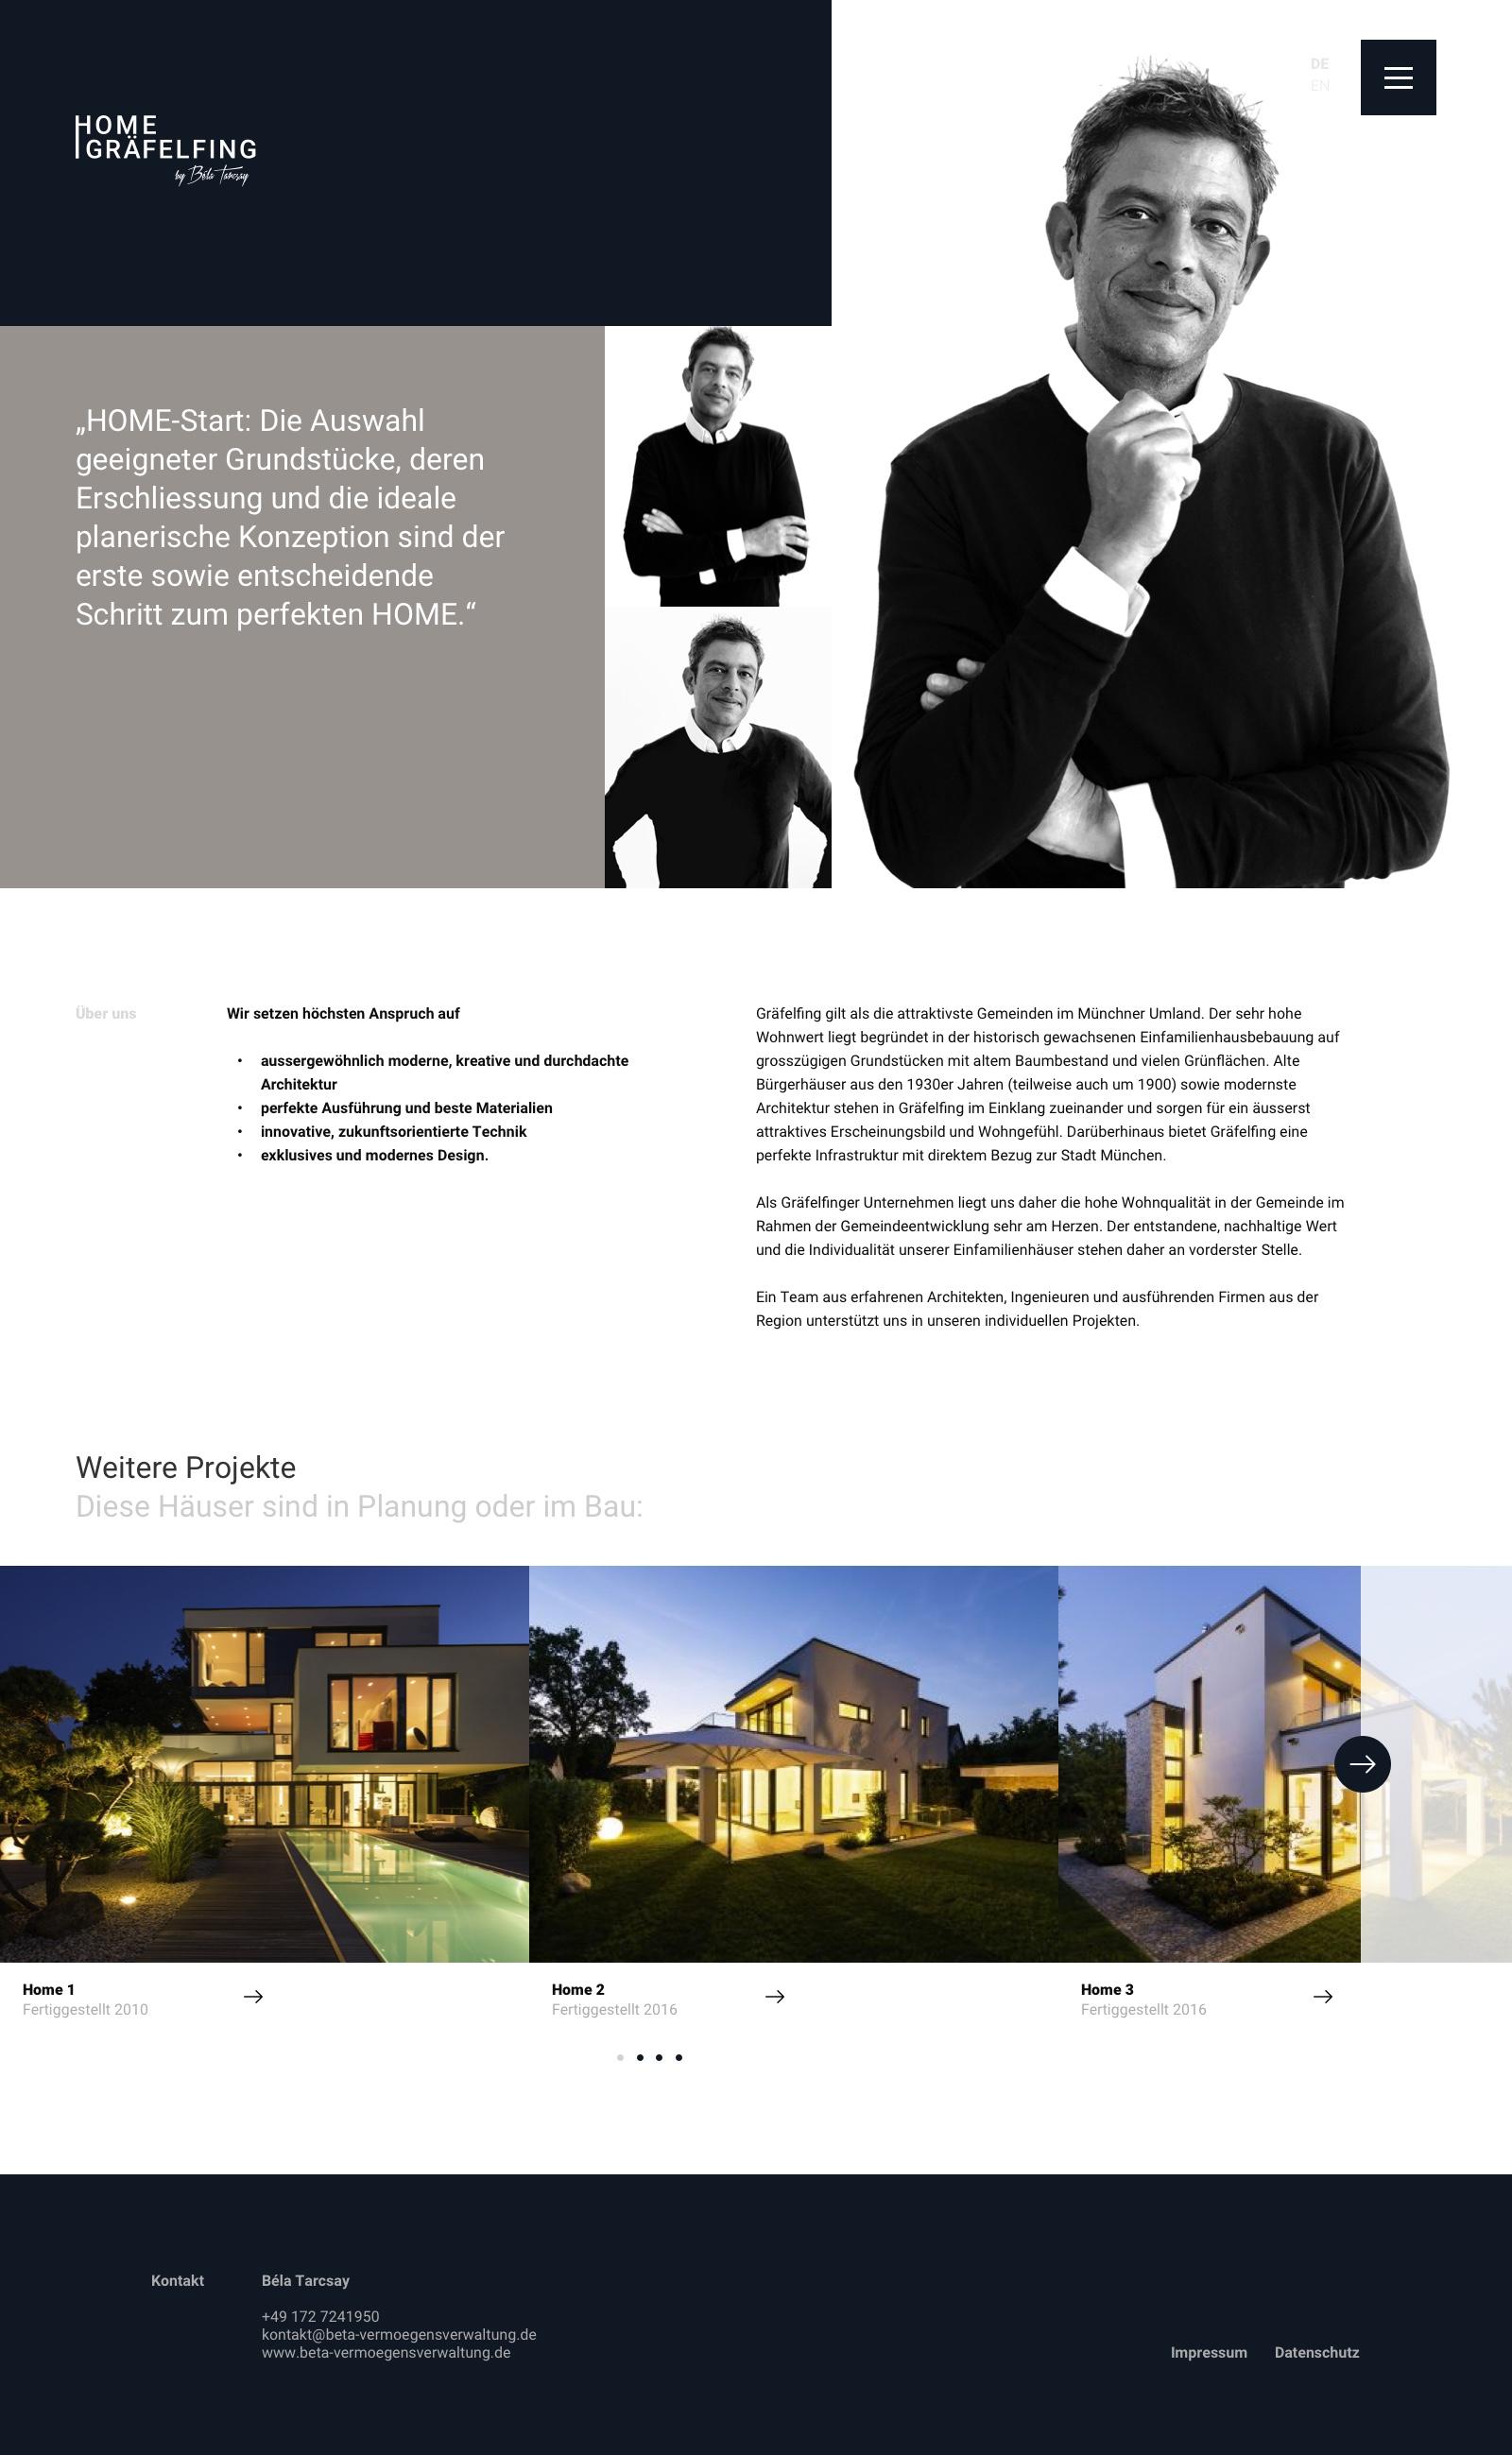 Webdesign und Branding für ein Immobilienunternehmen: Home Gräfelfing - Unterseite